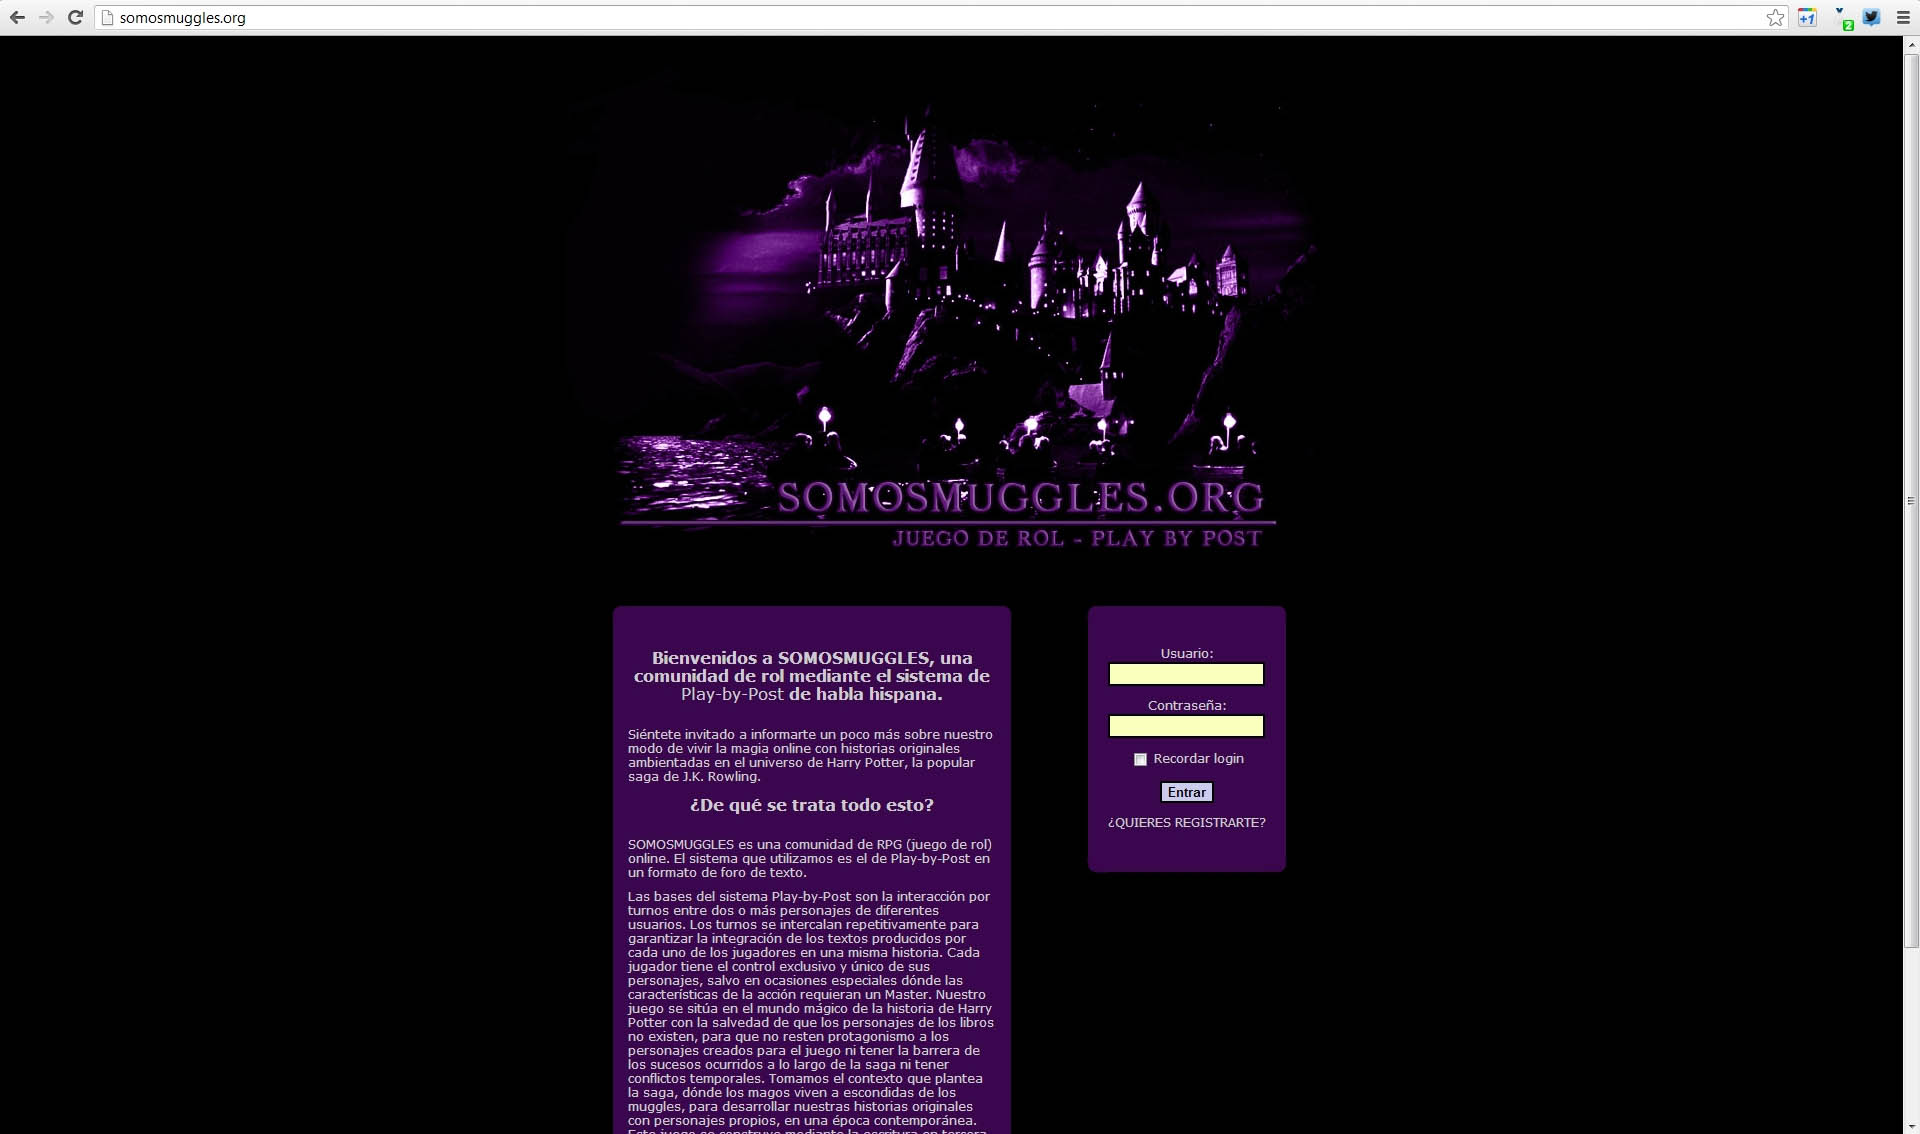 Captura de somosmuggles.org